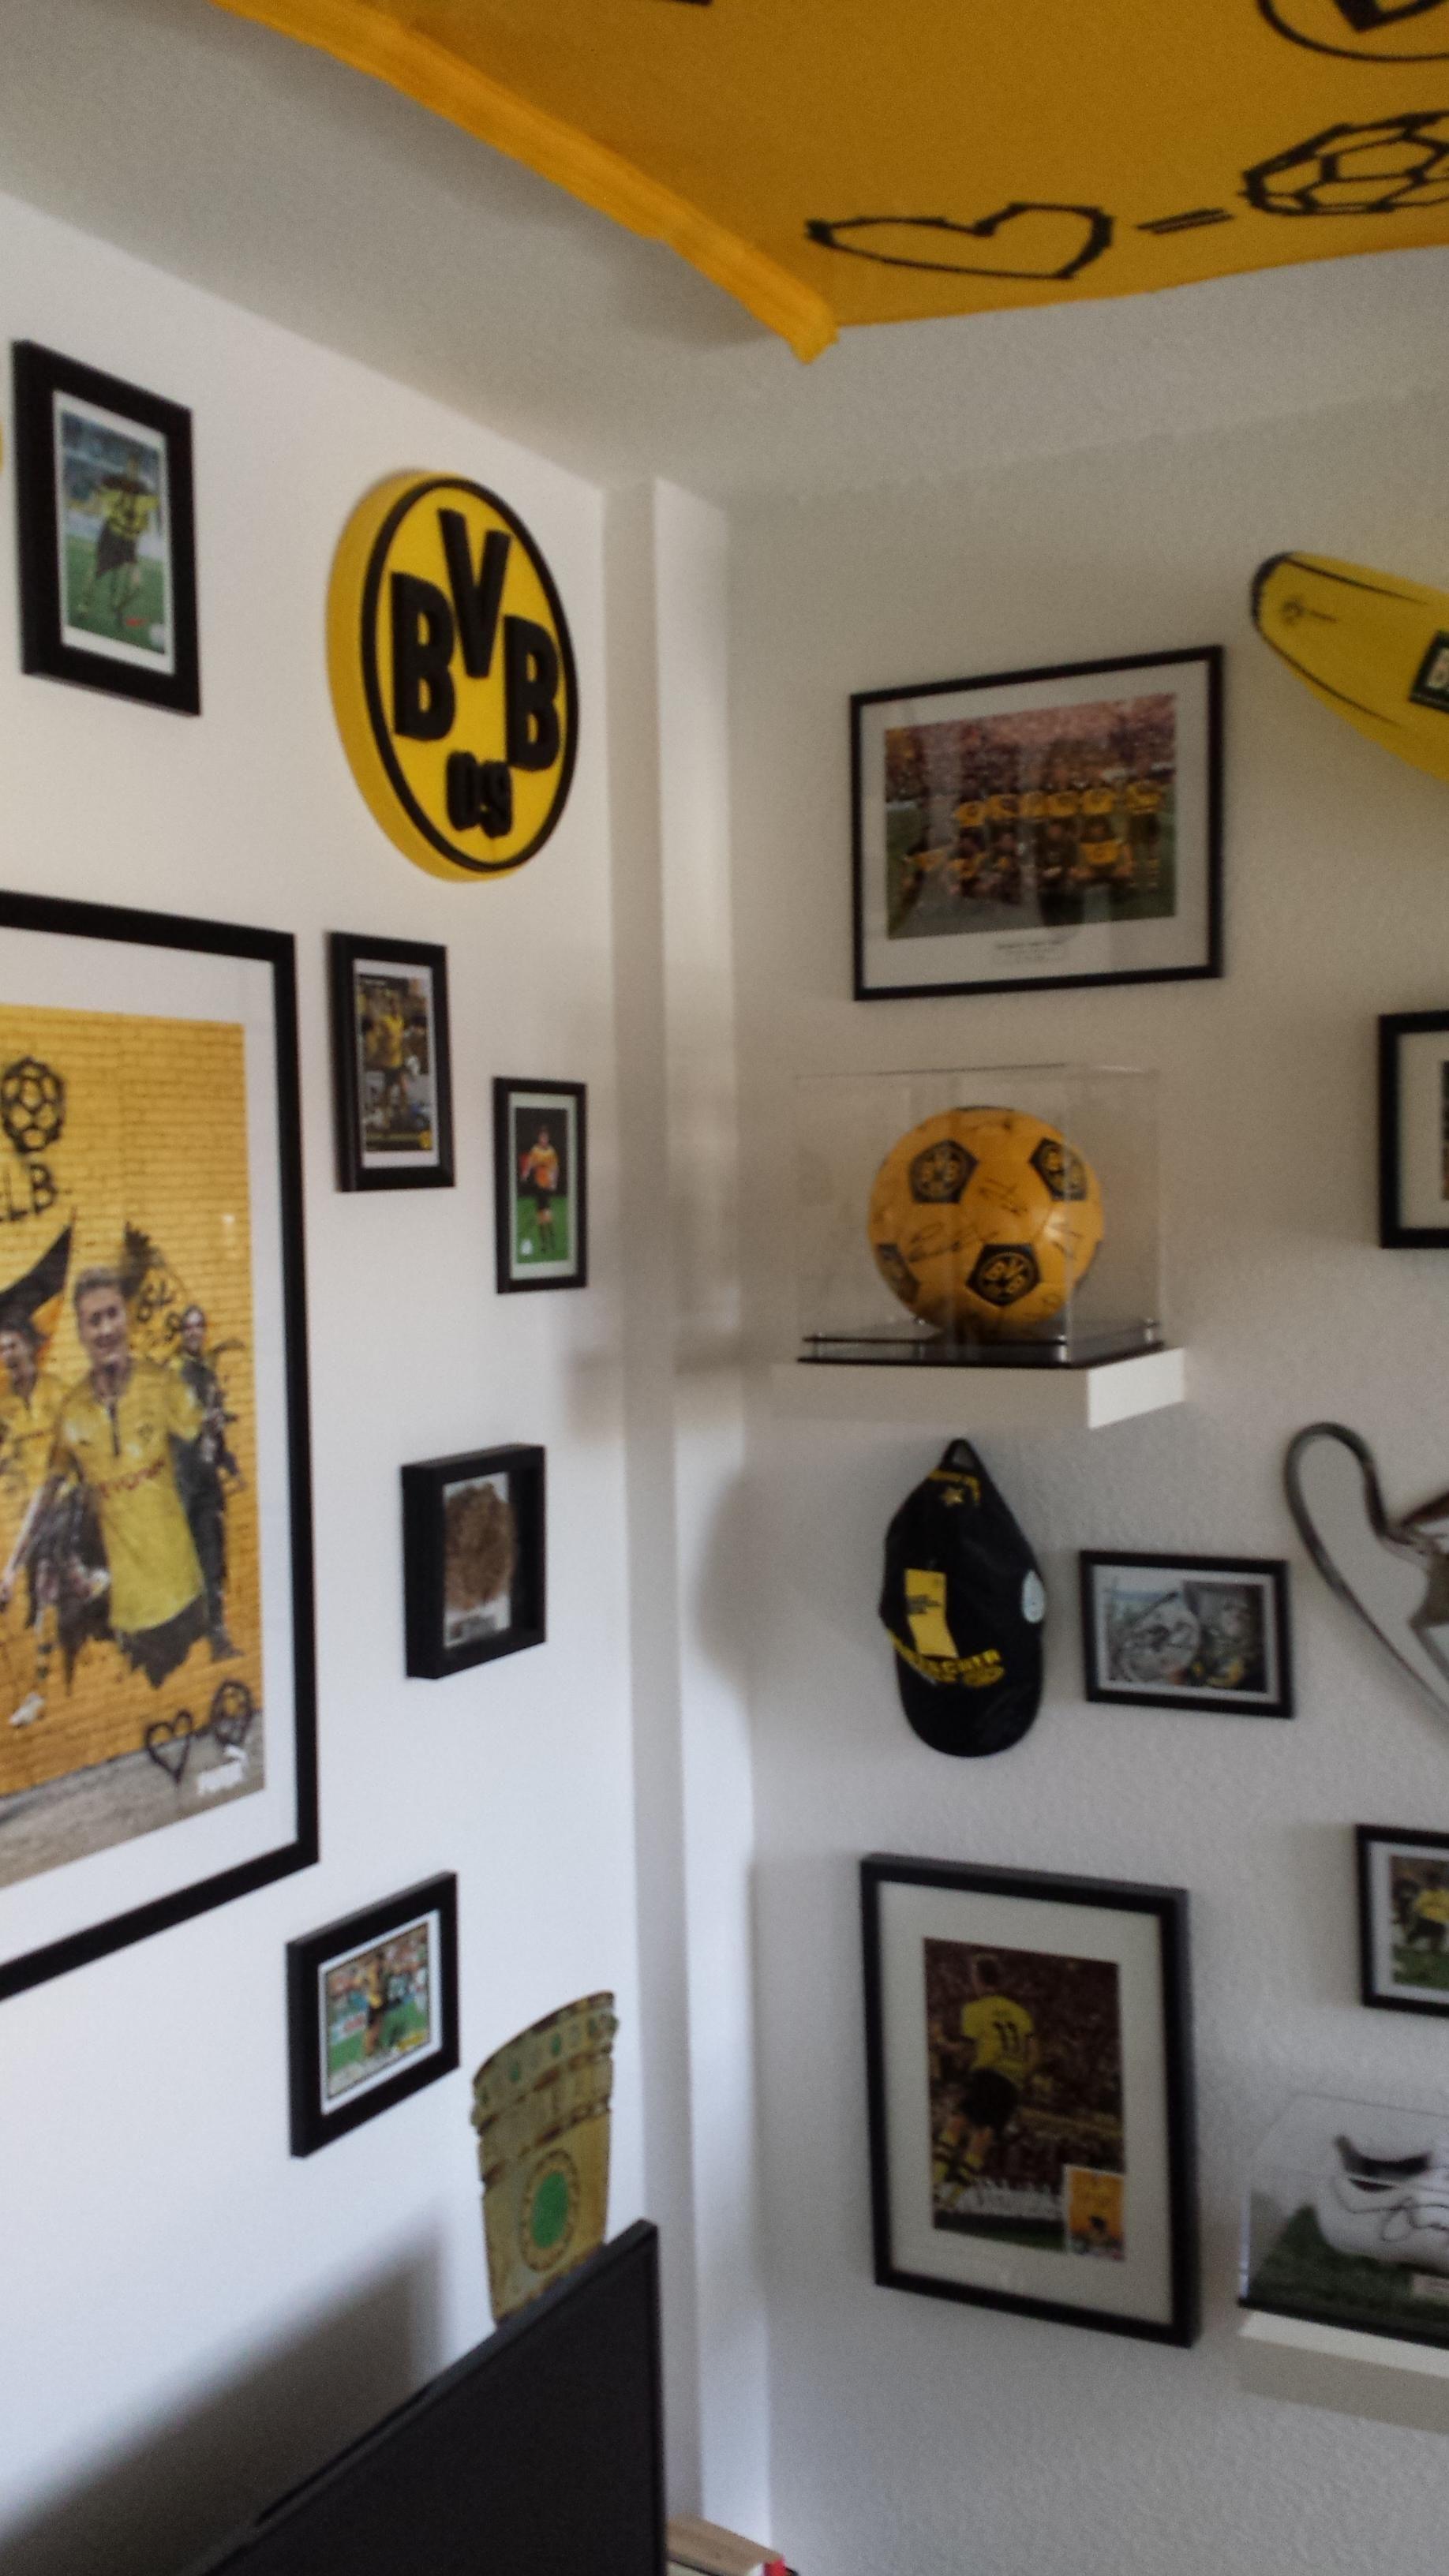 Bvb Fussball Zimmer - Fussballzimmer